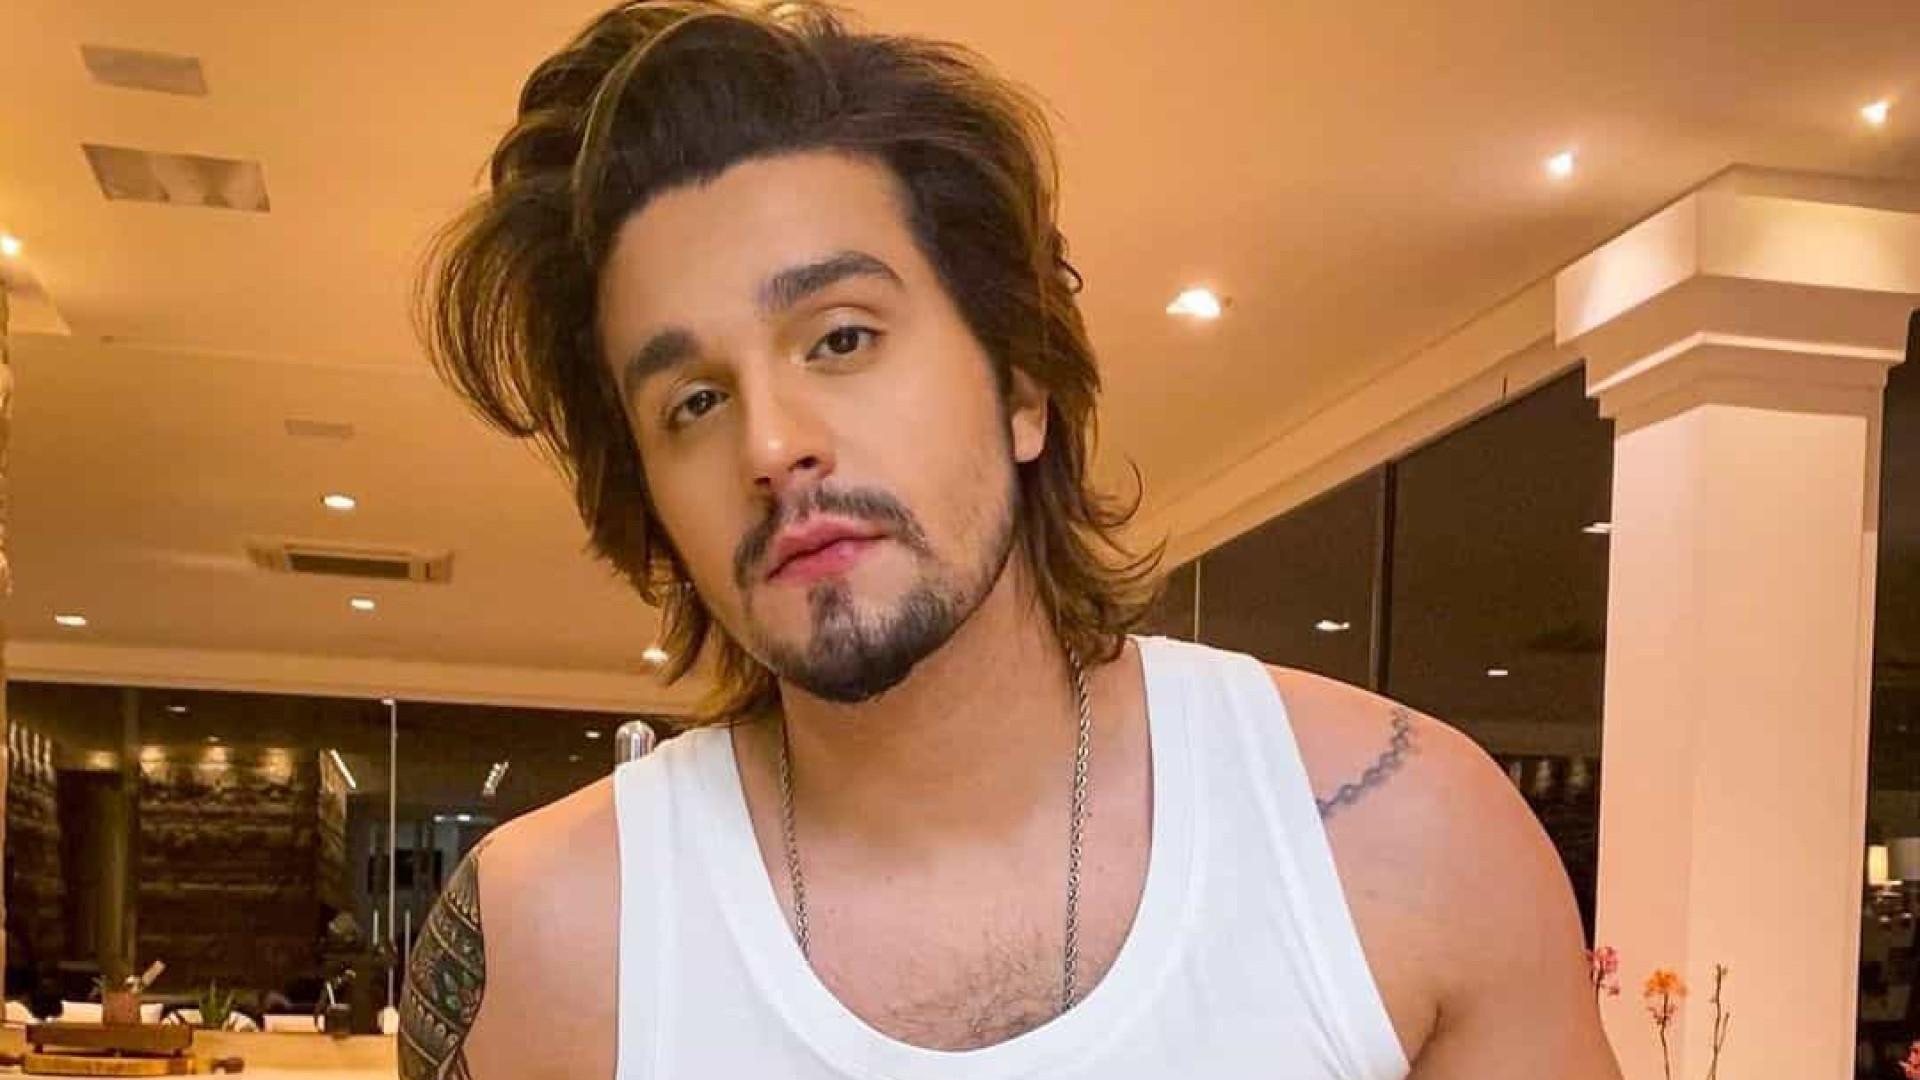 Após anúncio de separação, Luan Santana mostra-se descontraído no México